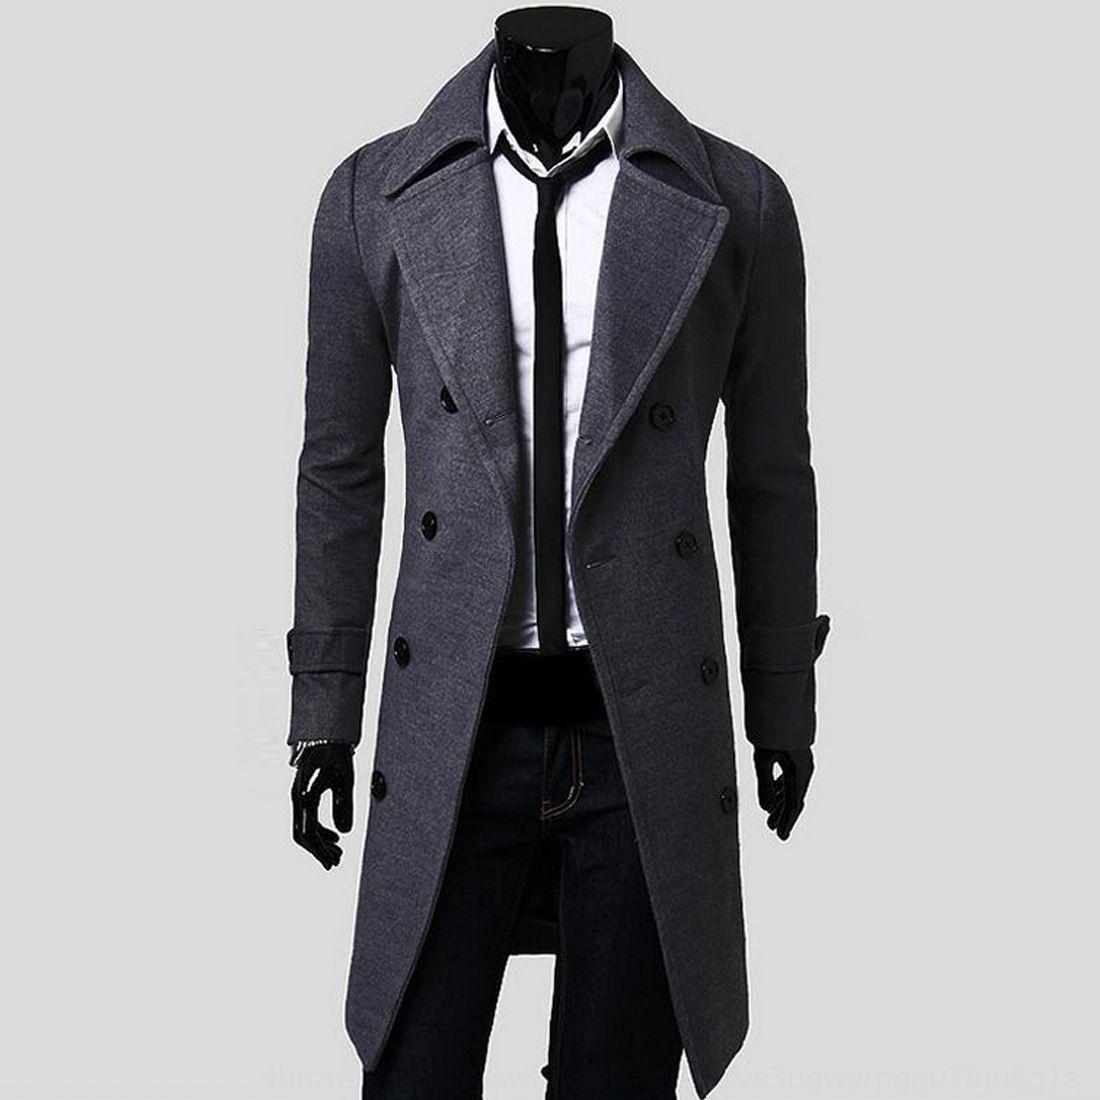 NJ7Hg l2abE M-XXXL утолщенной стиль мужская мода мужская футболка с длинным ан 5625 M-XXXL пальто моды шерсти Wool Европейский Европейский стиль длинные шерстяные сгущать